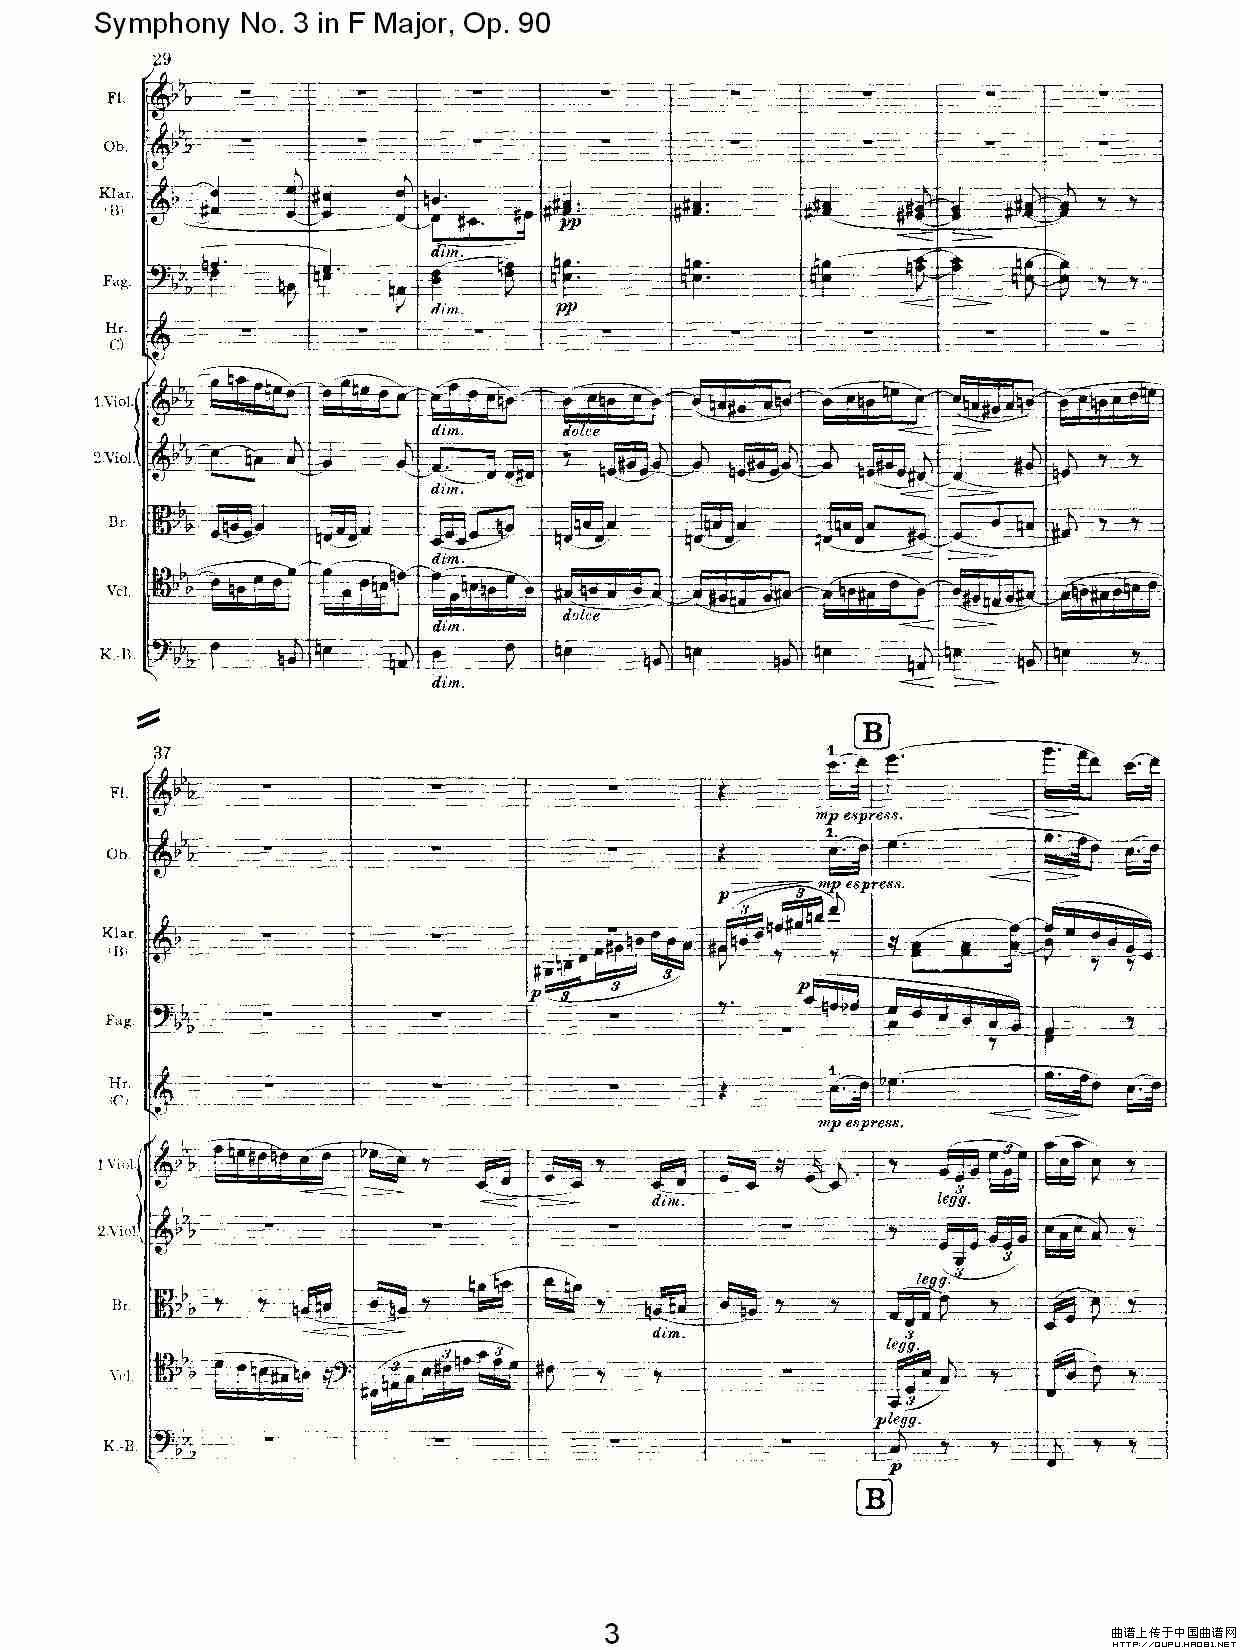 送别的f谱子-曲谱 F大调第三交响曲, Op.90第三乐章